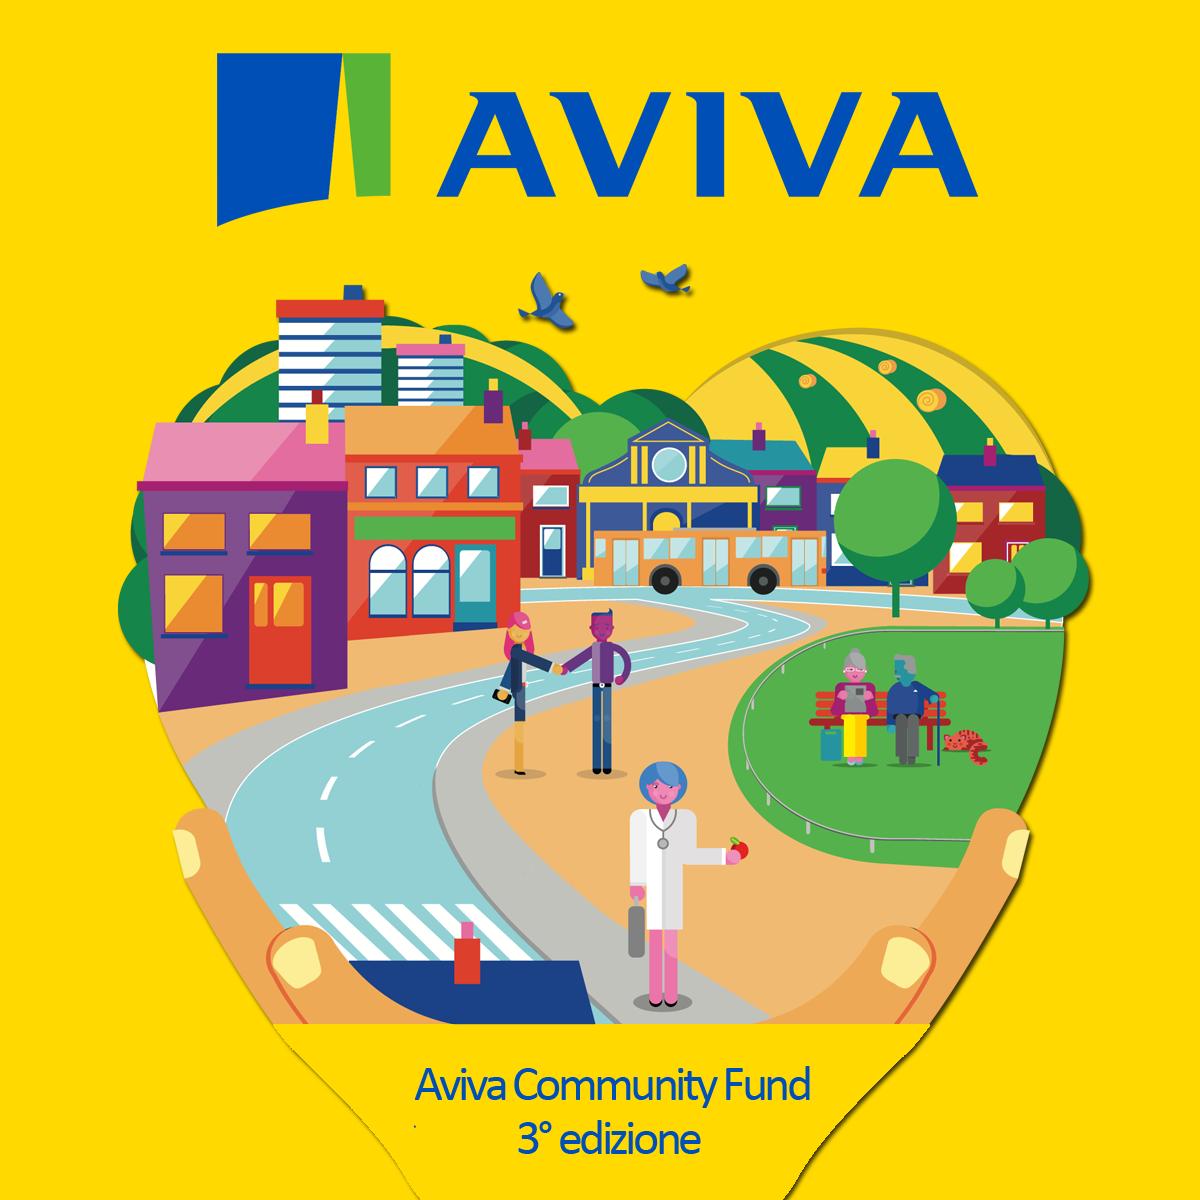 Aviva Community Fund annuncia i vincitori della terza edizione del suo concorso.